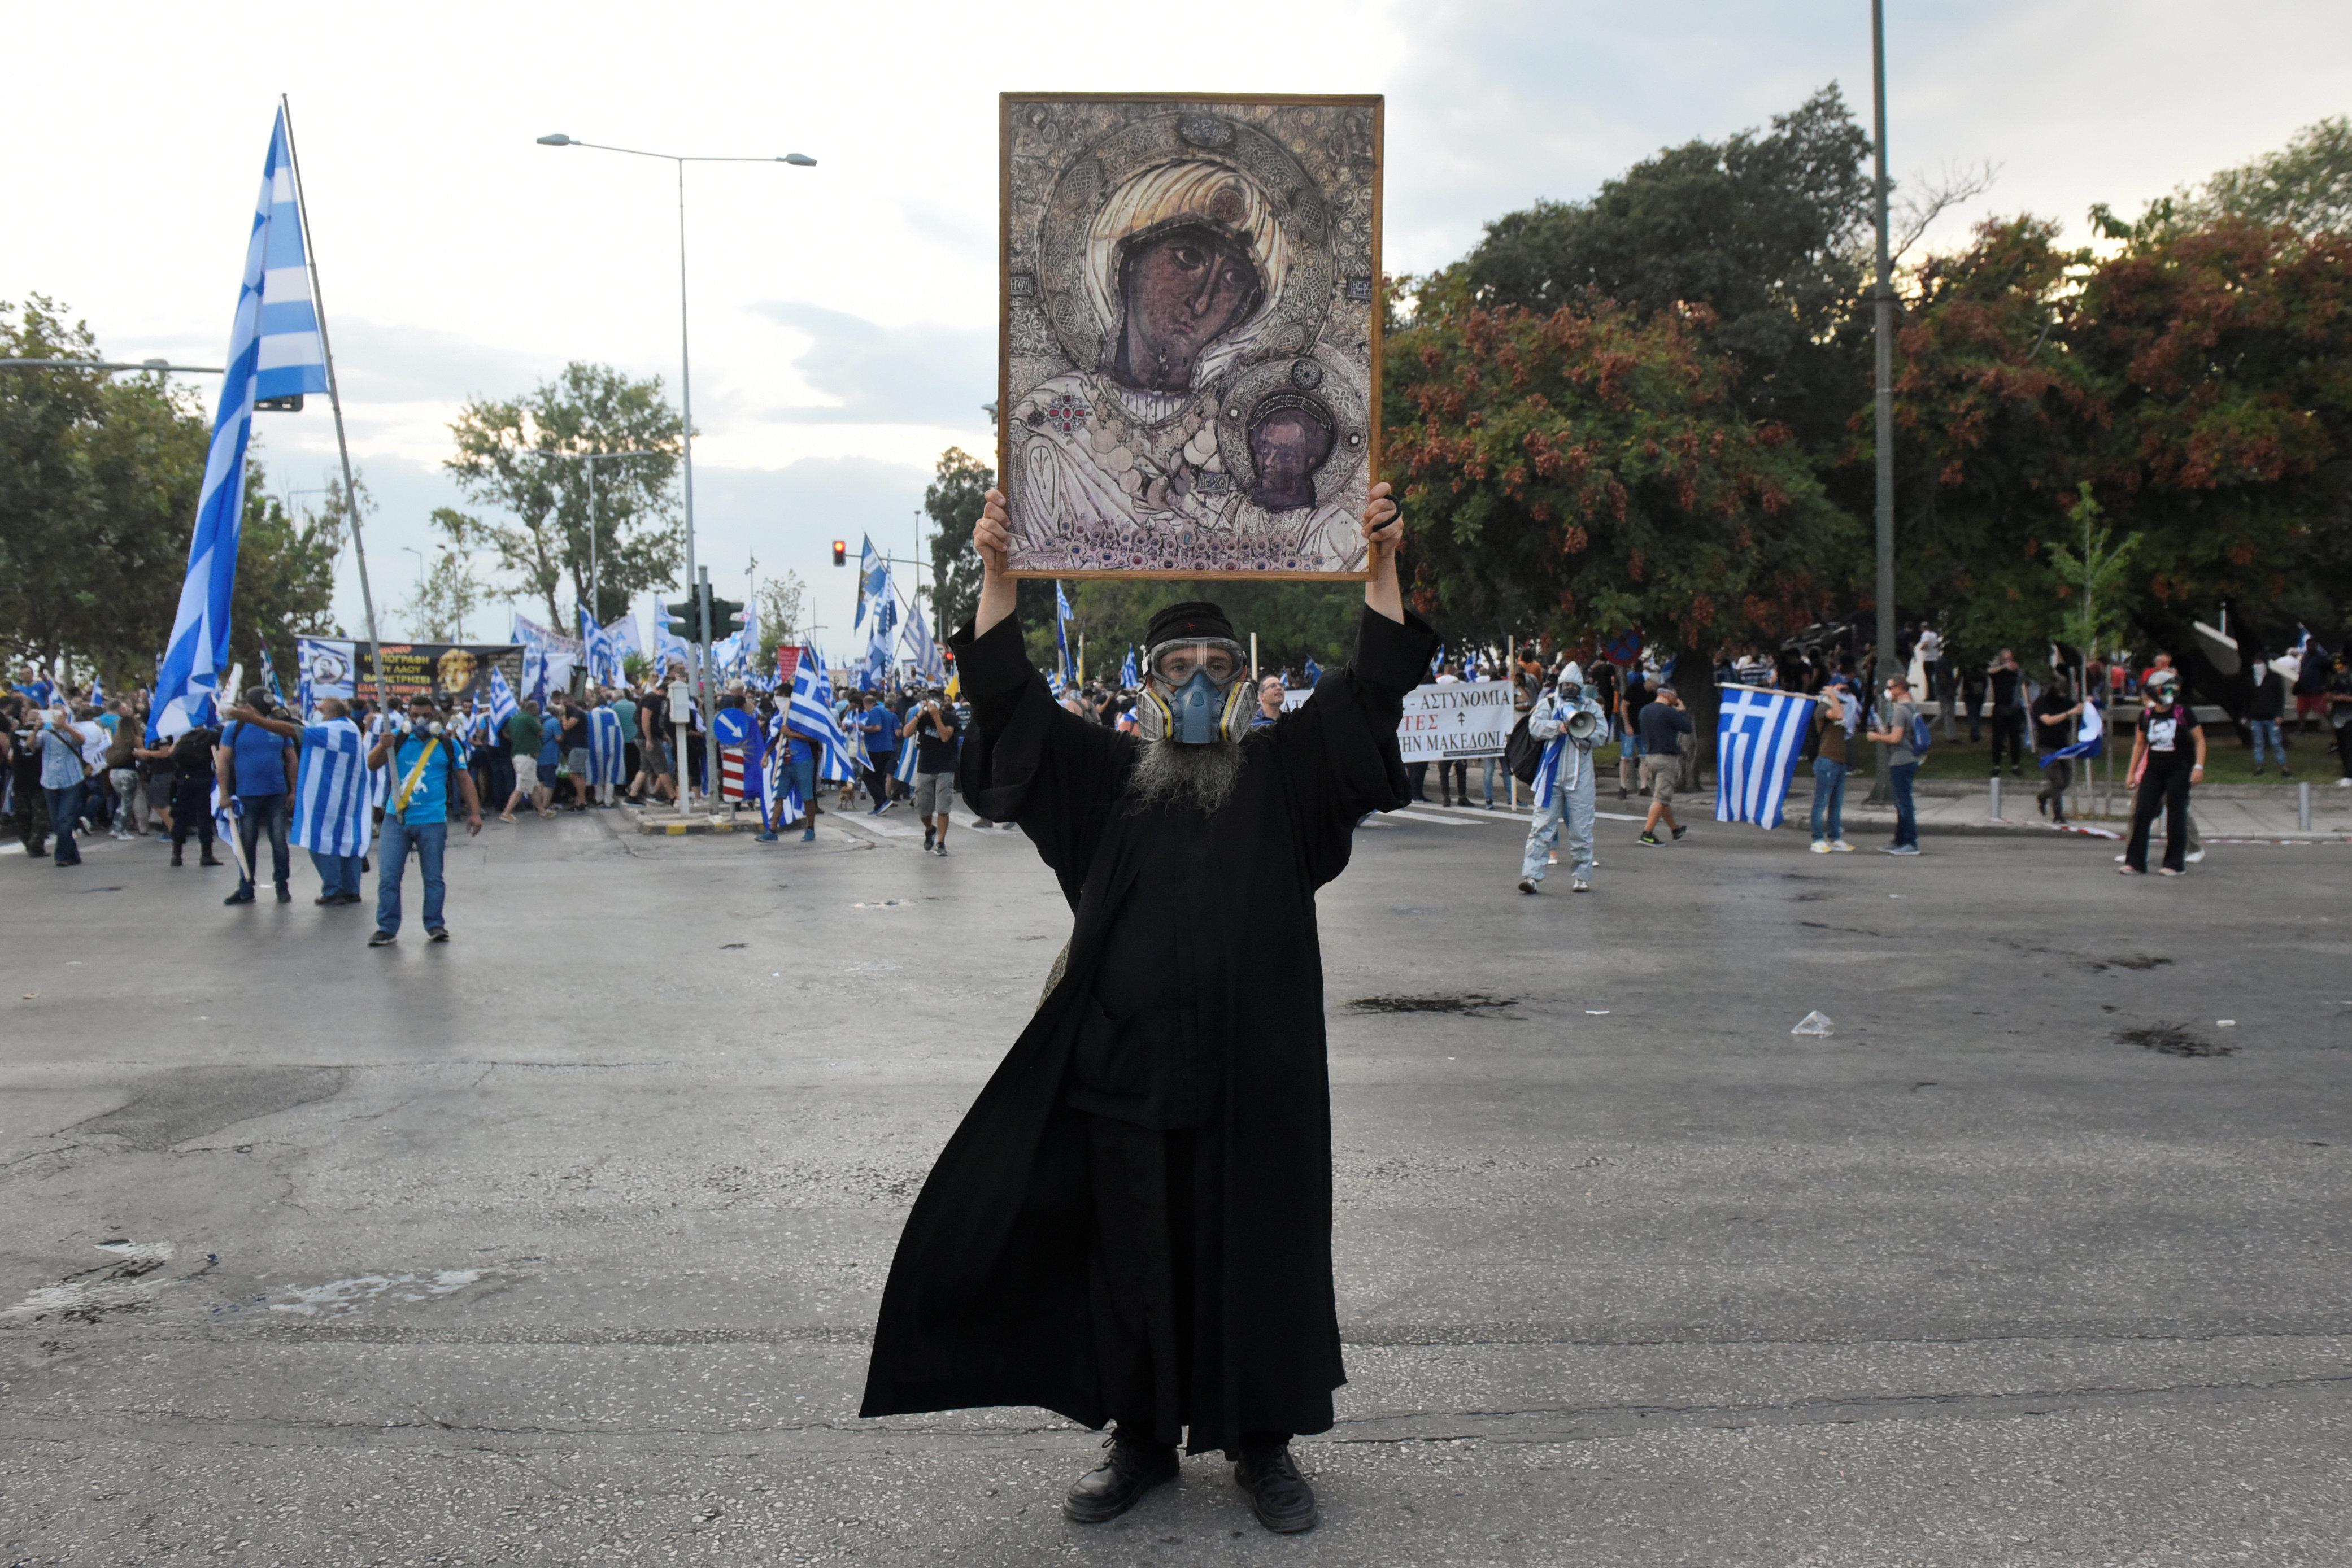 Καλόγεροι με αντιασφυξιογόνες μάσκες και εικόνες στα χέρια, σημαίες και σκηνές βίας στο παμμακεδονικό συλλαλητήριο στη